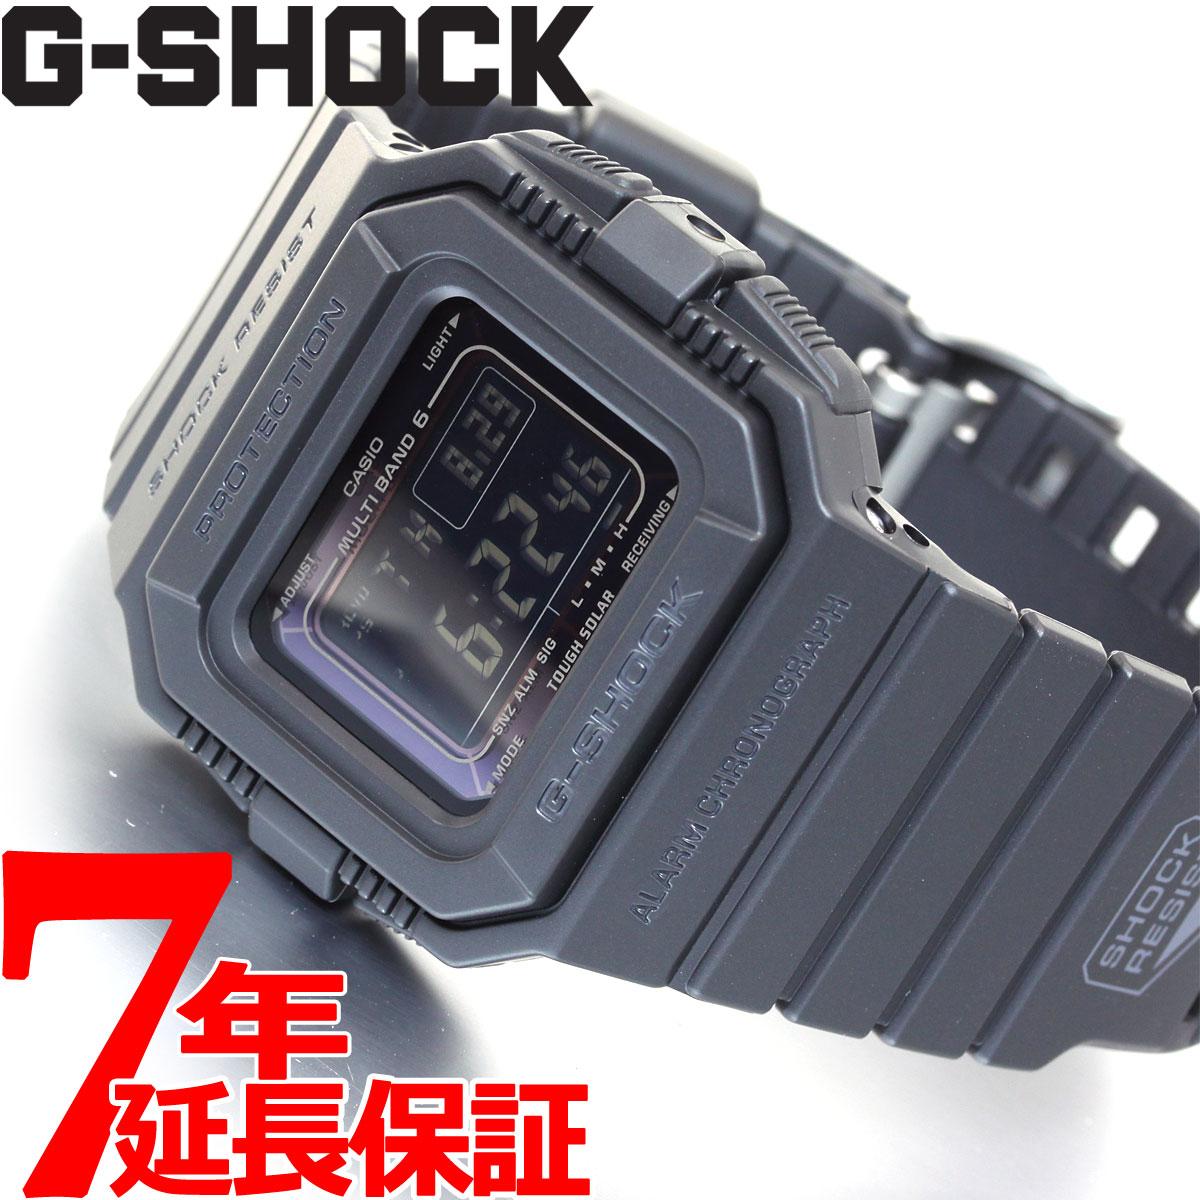 【5日0時~♪2000円OFFクーポン&店内ポイント最大51倍!5日23時59分まで】G-SHOCK 電波 ソーラー 電波時計 ブラック 腕時計 メンズ デジタル タフソーラー GW-5510-1BJF